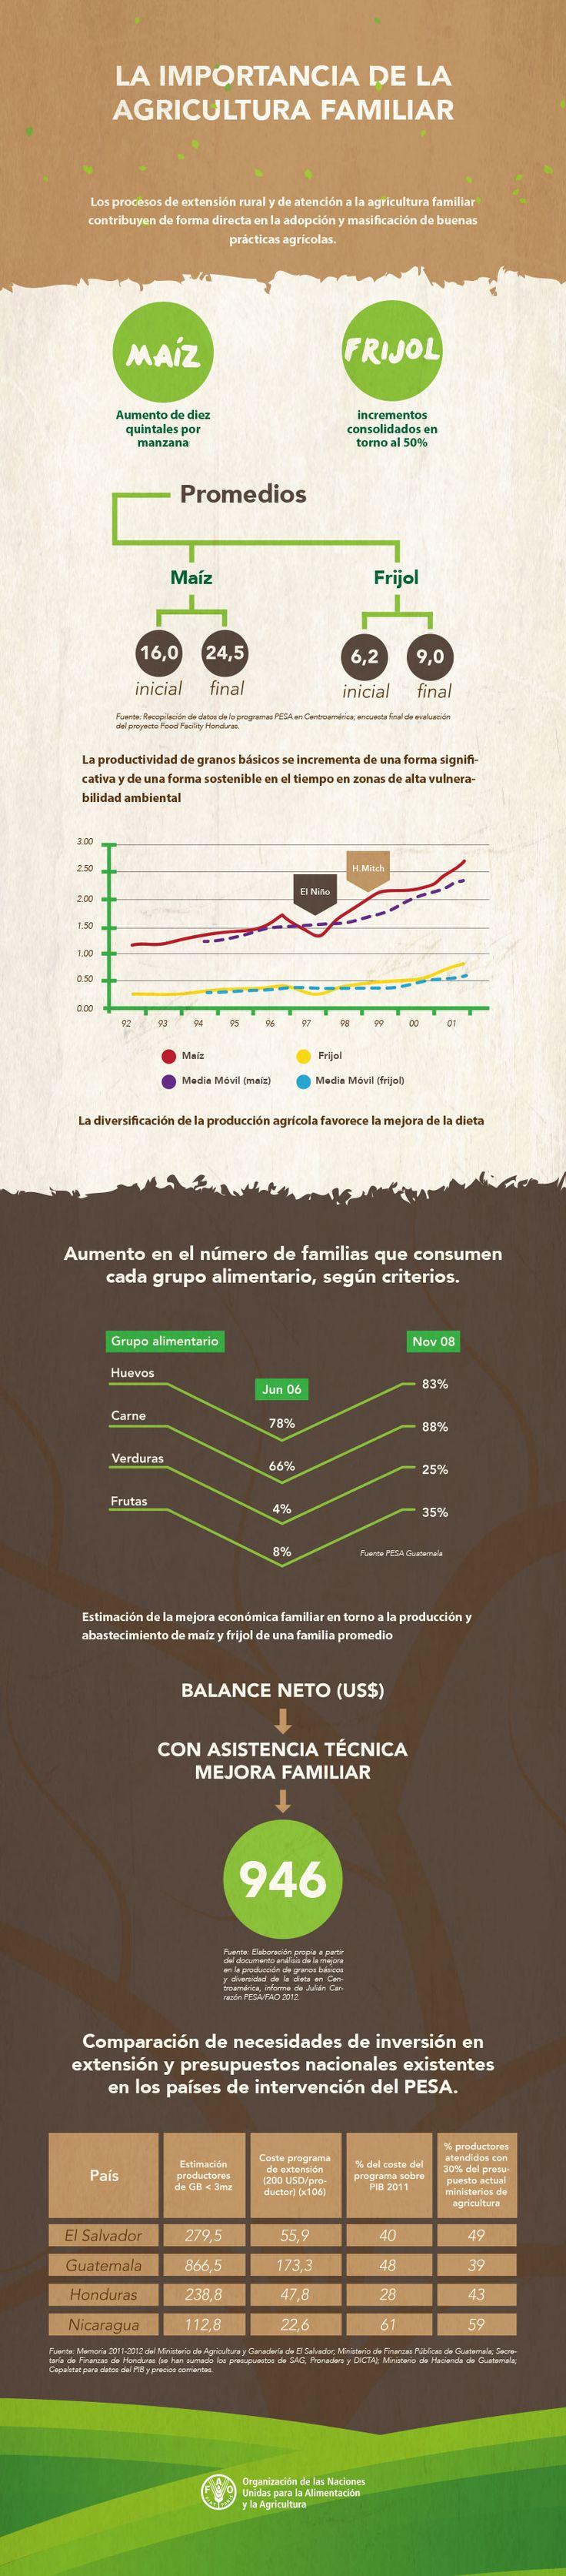 La Importancia de la Agricultura Familiar: Los procesos de extensión rural y de atención a la agricultura familiar son capaces de contribuir de forma directa en la adopción y masificación de buenas prácticas agrícolas.